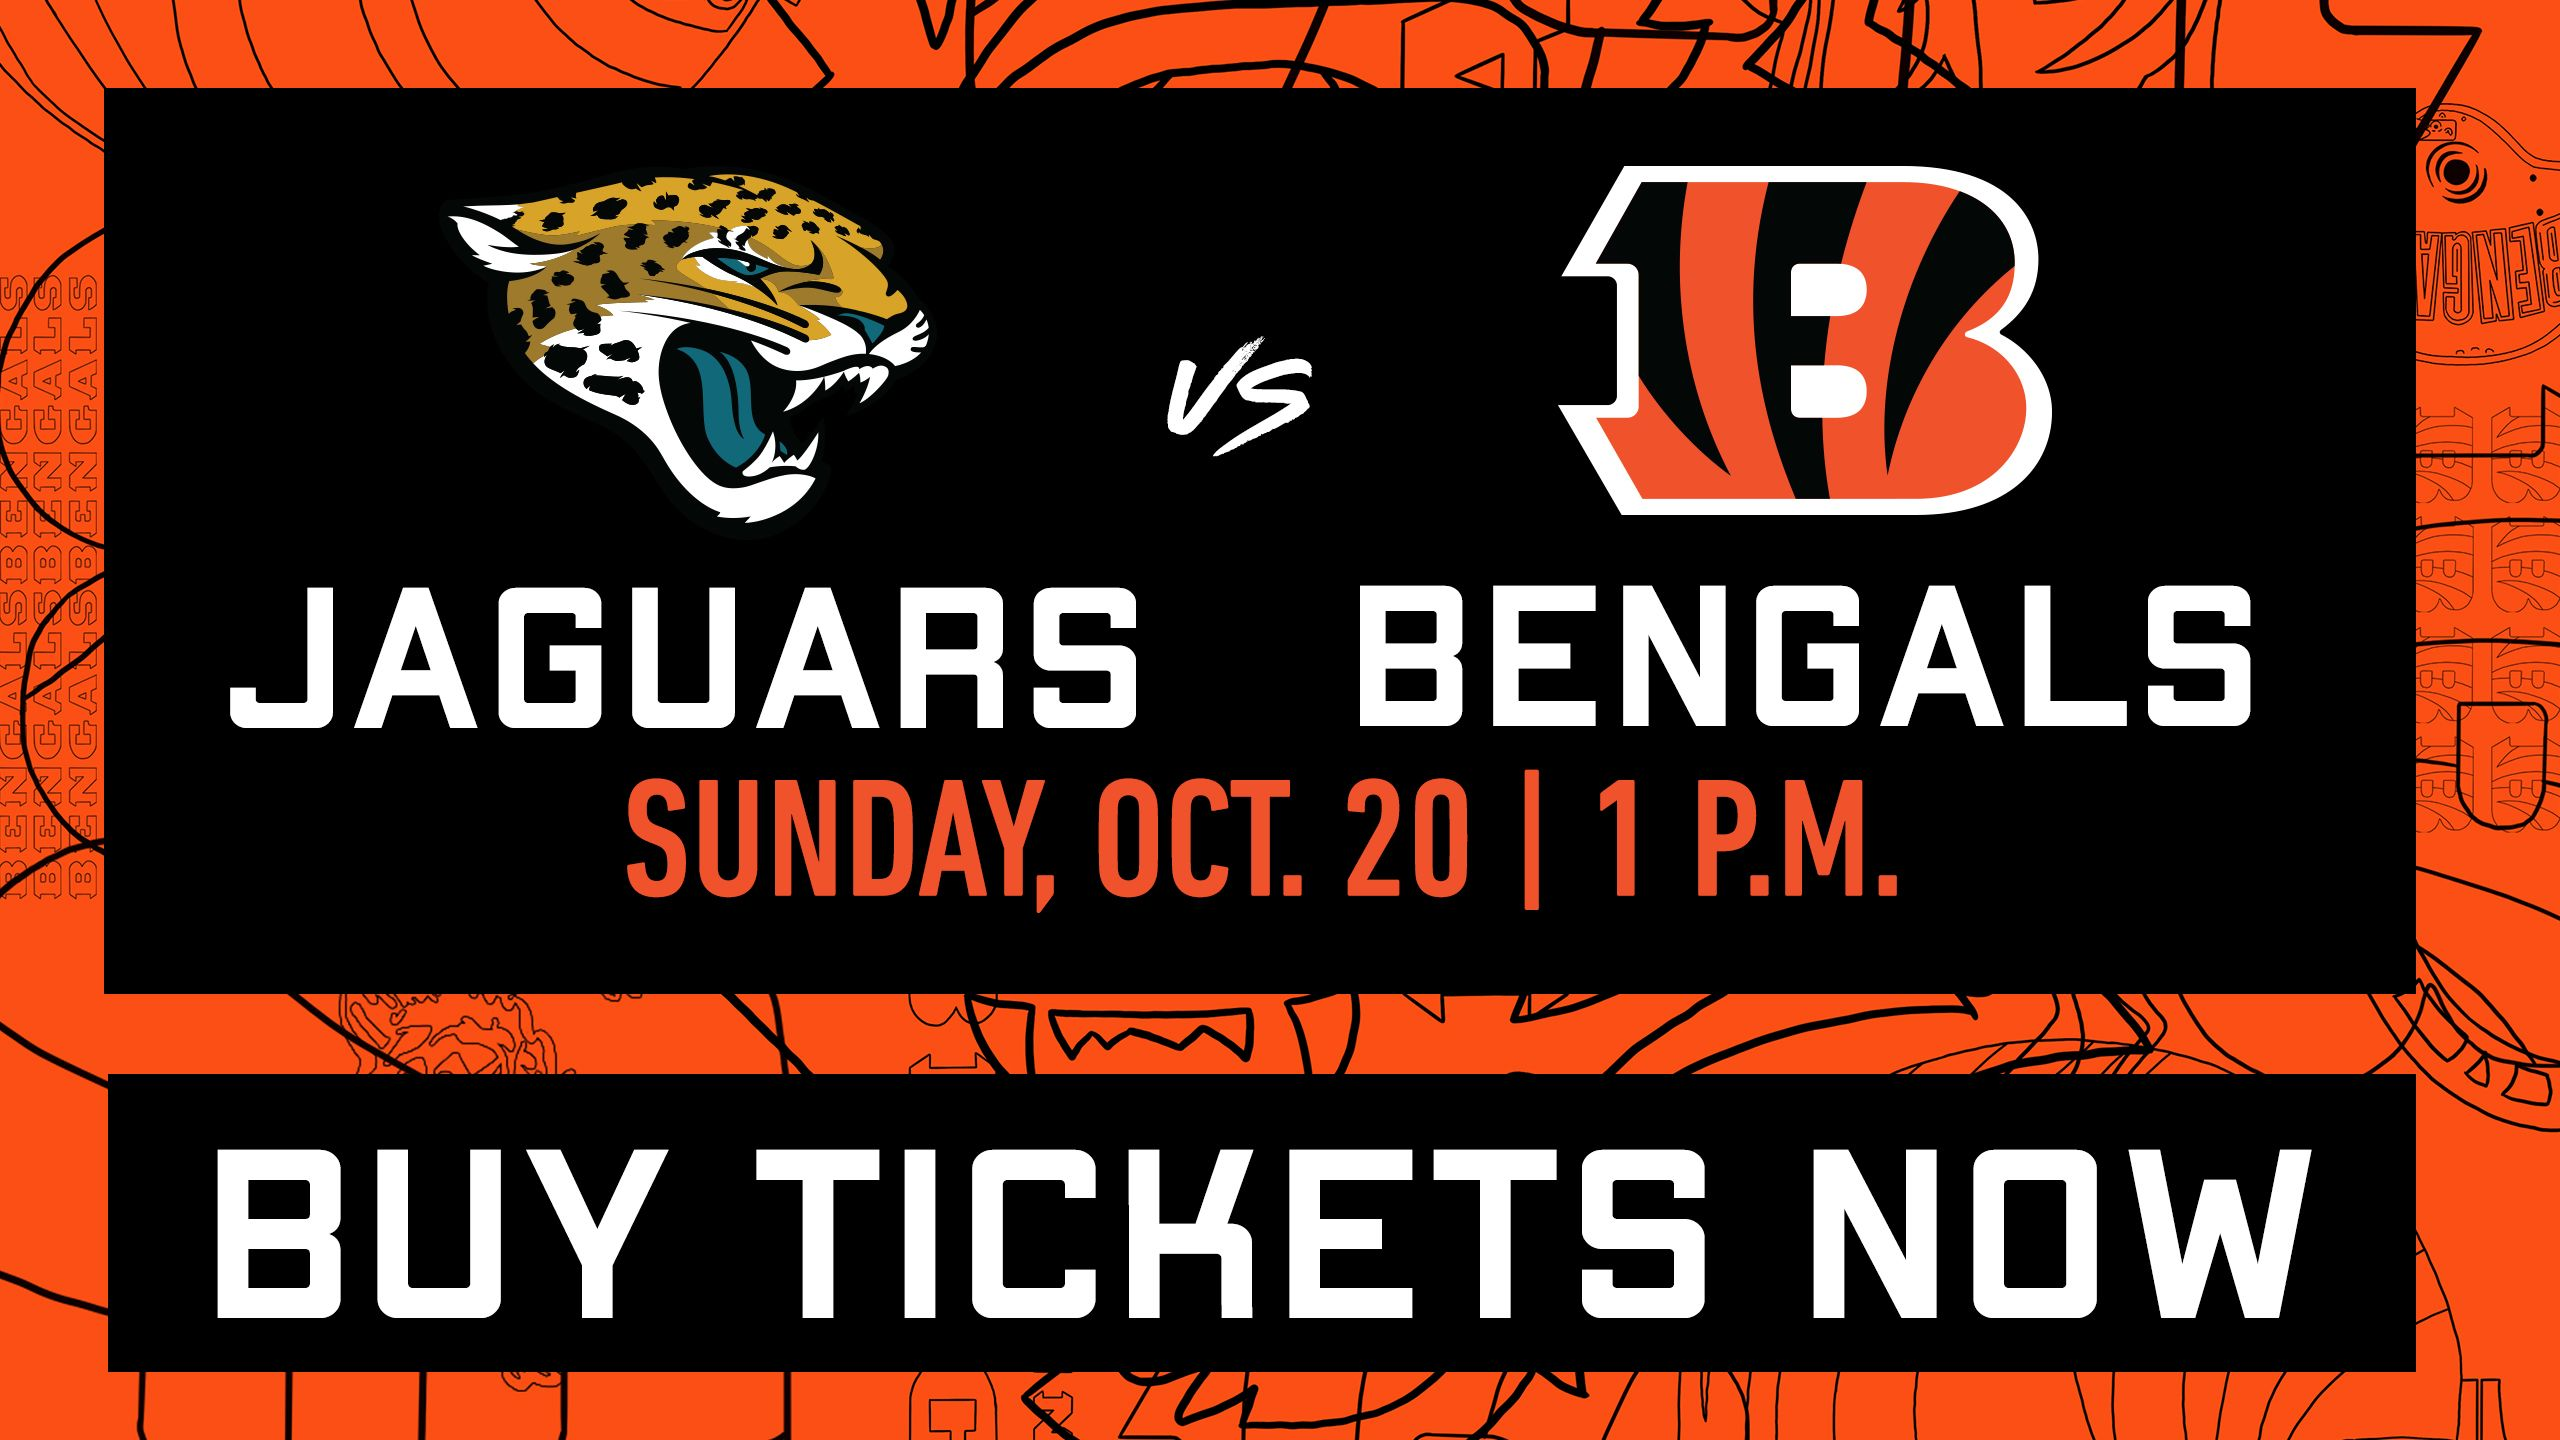 Jaguars at Bengals